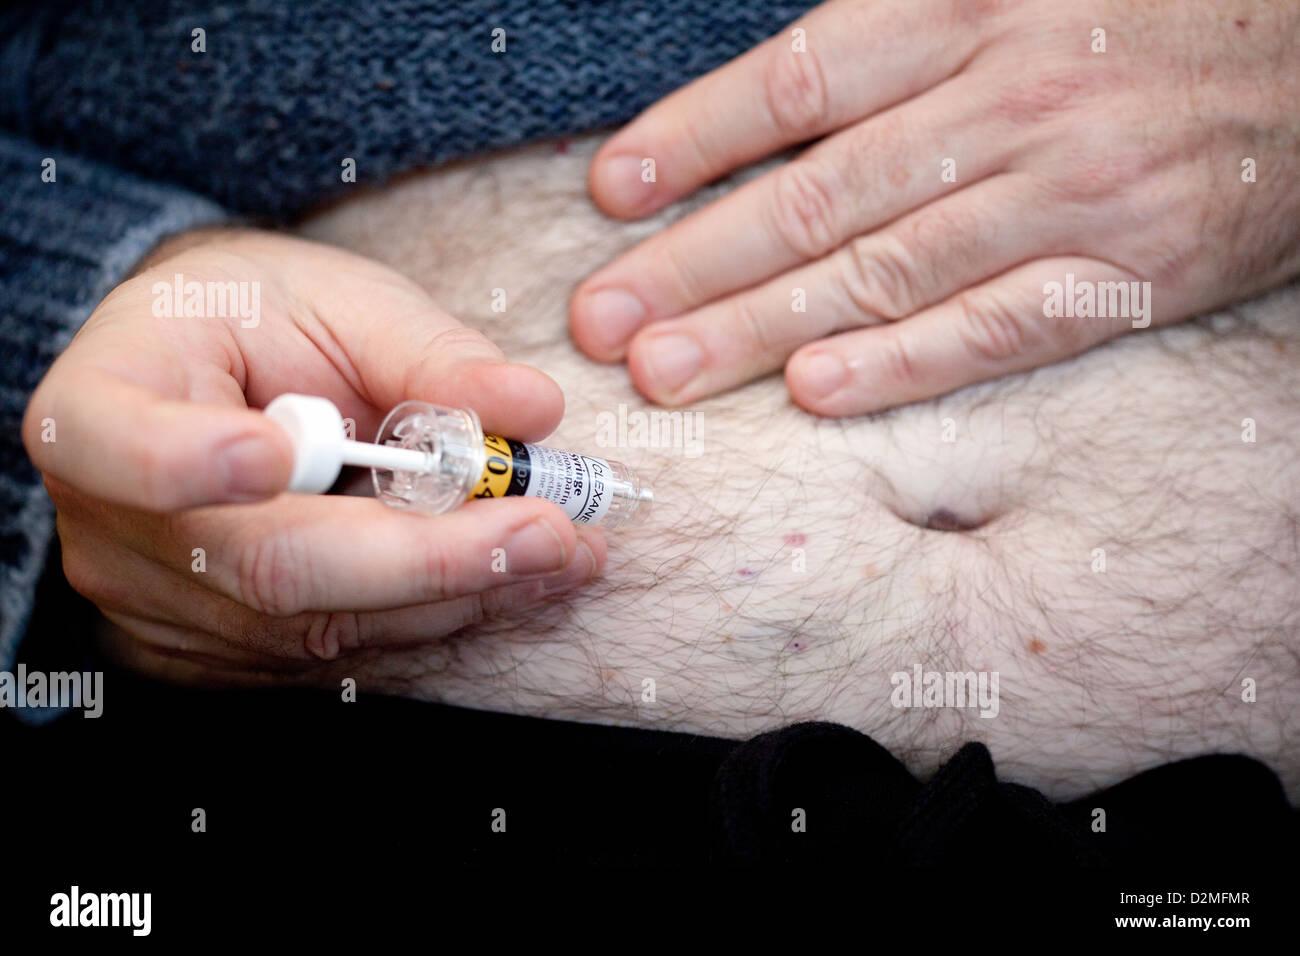 L'injection de Clexane - prévention des TVP - Thrombose veineuse profonde après une opération, Photo Stock